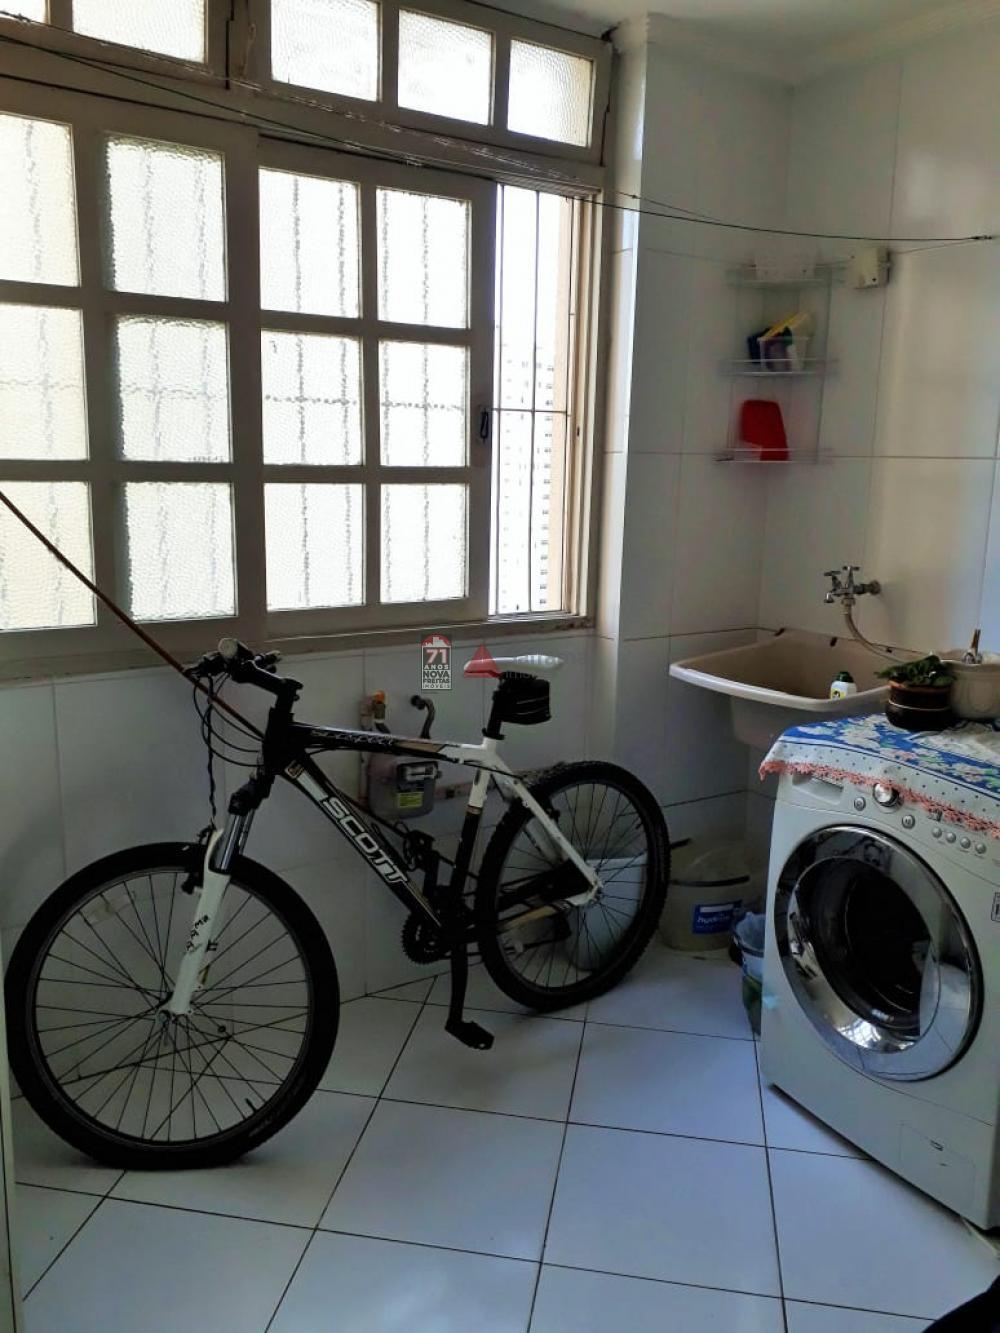 Comprar Apartamento / Padrão em São José dos Campos R$ 650.000,00 - Foto 12